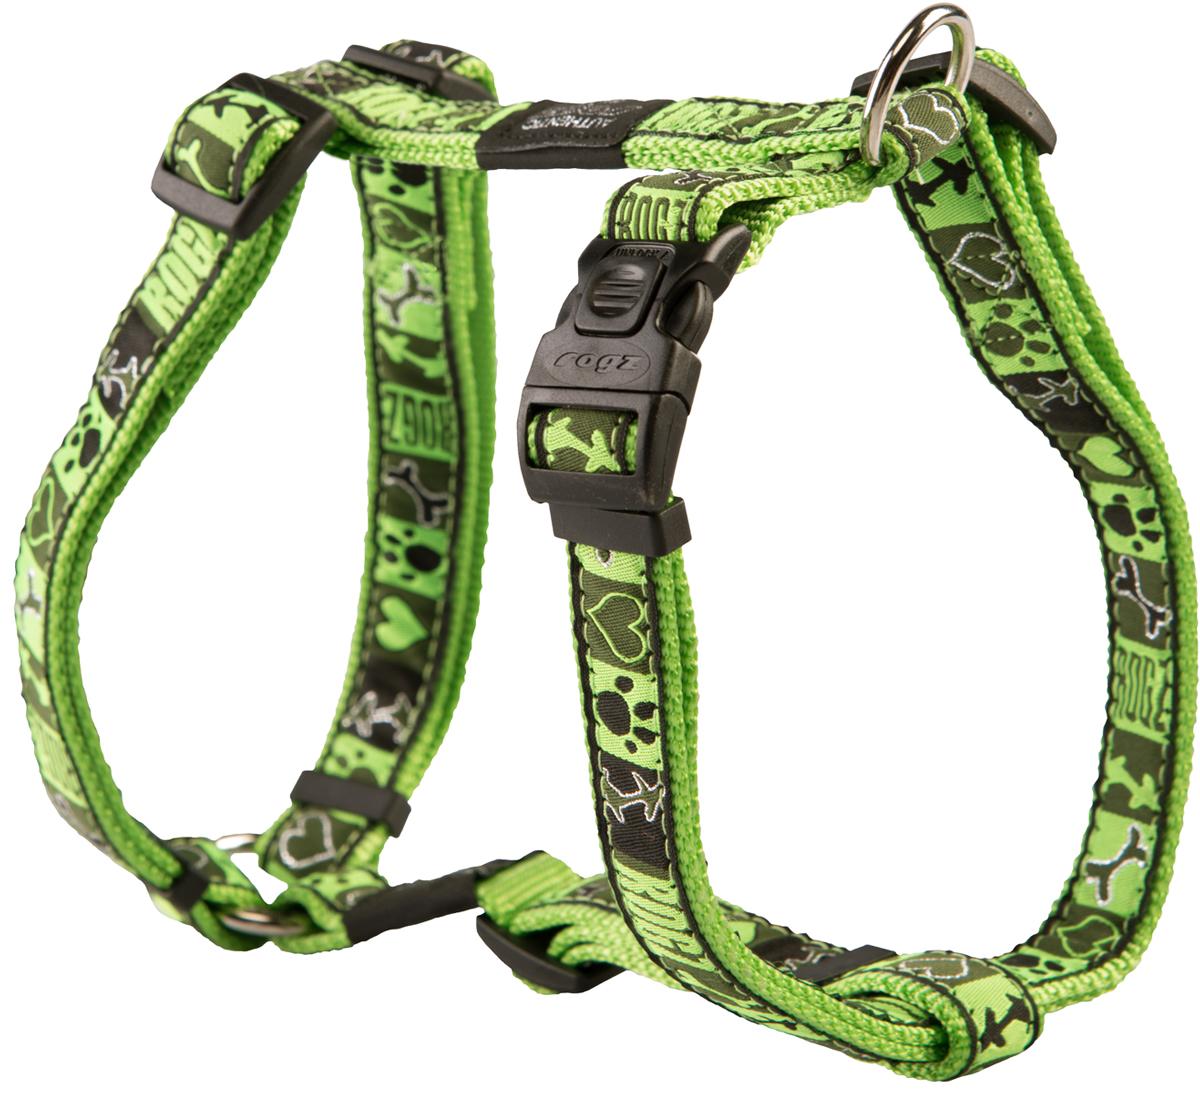 Шлейка для собак Rogz Fancy Dress, цвет: зеленый, ширина 2 смSJ03CFШлейка для собак Rogz Fancy Dress имеет необычный дизайн. Широкая гамма потрясающе красивых орнаментов на прочной тесьме поверх нейлоновой ленты украсит вашего питомца.Застегивается, не доставляя неудобство собаке.Специальная конструкция пряжки Rog Loc - очень крепкая(система Fort Knox). Замок может быть расстегнут только рукой человека.С помощью системы ремней изделие подгоняется под животного индивидуально.Необыкновенно крепкая и прочная шлейка.Выполненные по заказу литые кольца выдерживают значительные физические нагрузки и имеют хромирование, нанесенное гальваническим способом, что позволяет избежать коррозии и потускнения изделия.Легко можно прикрепить к ошейнику и поводку.